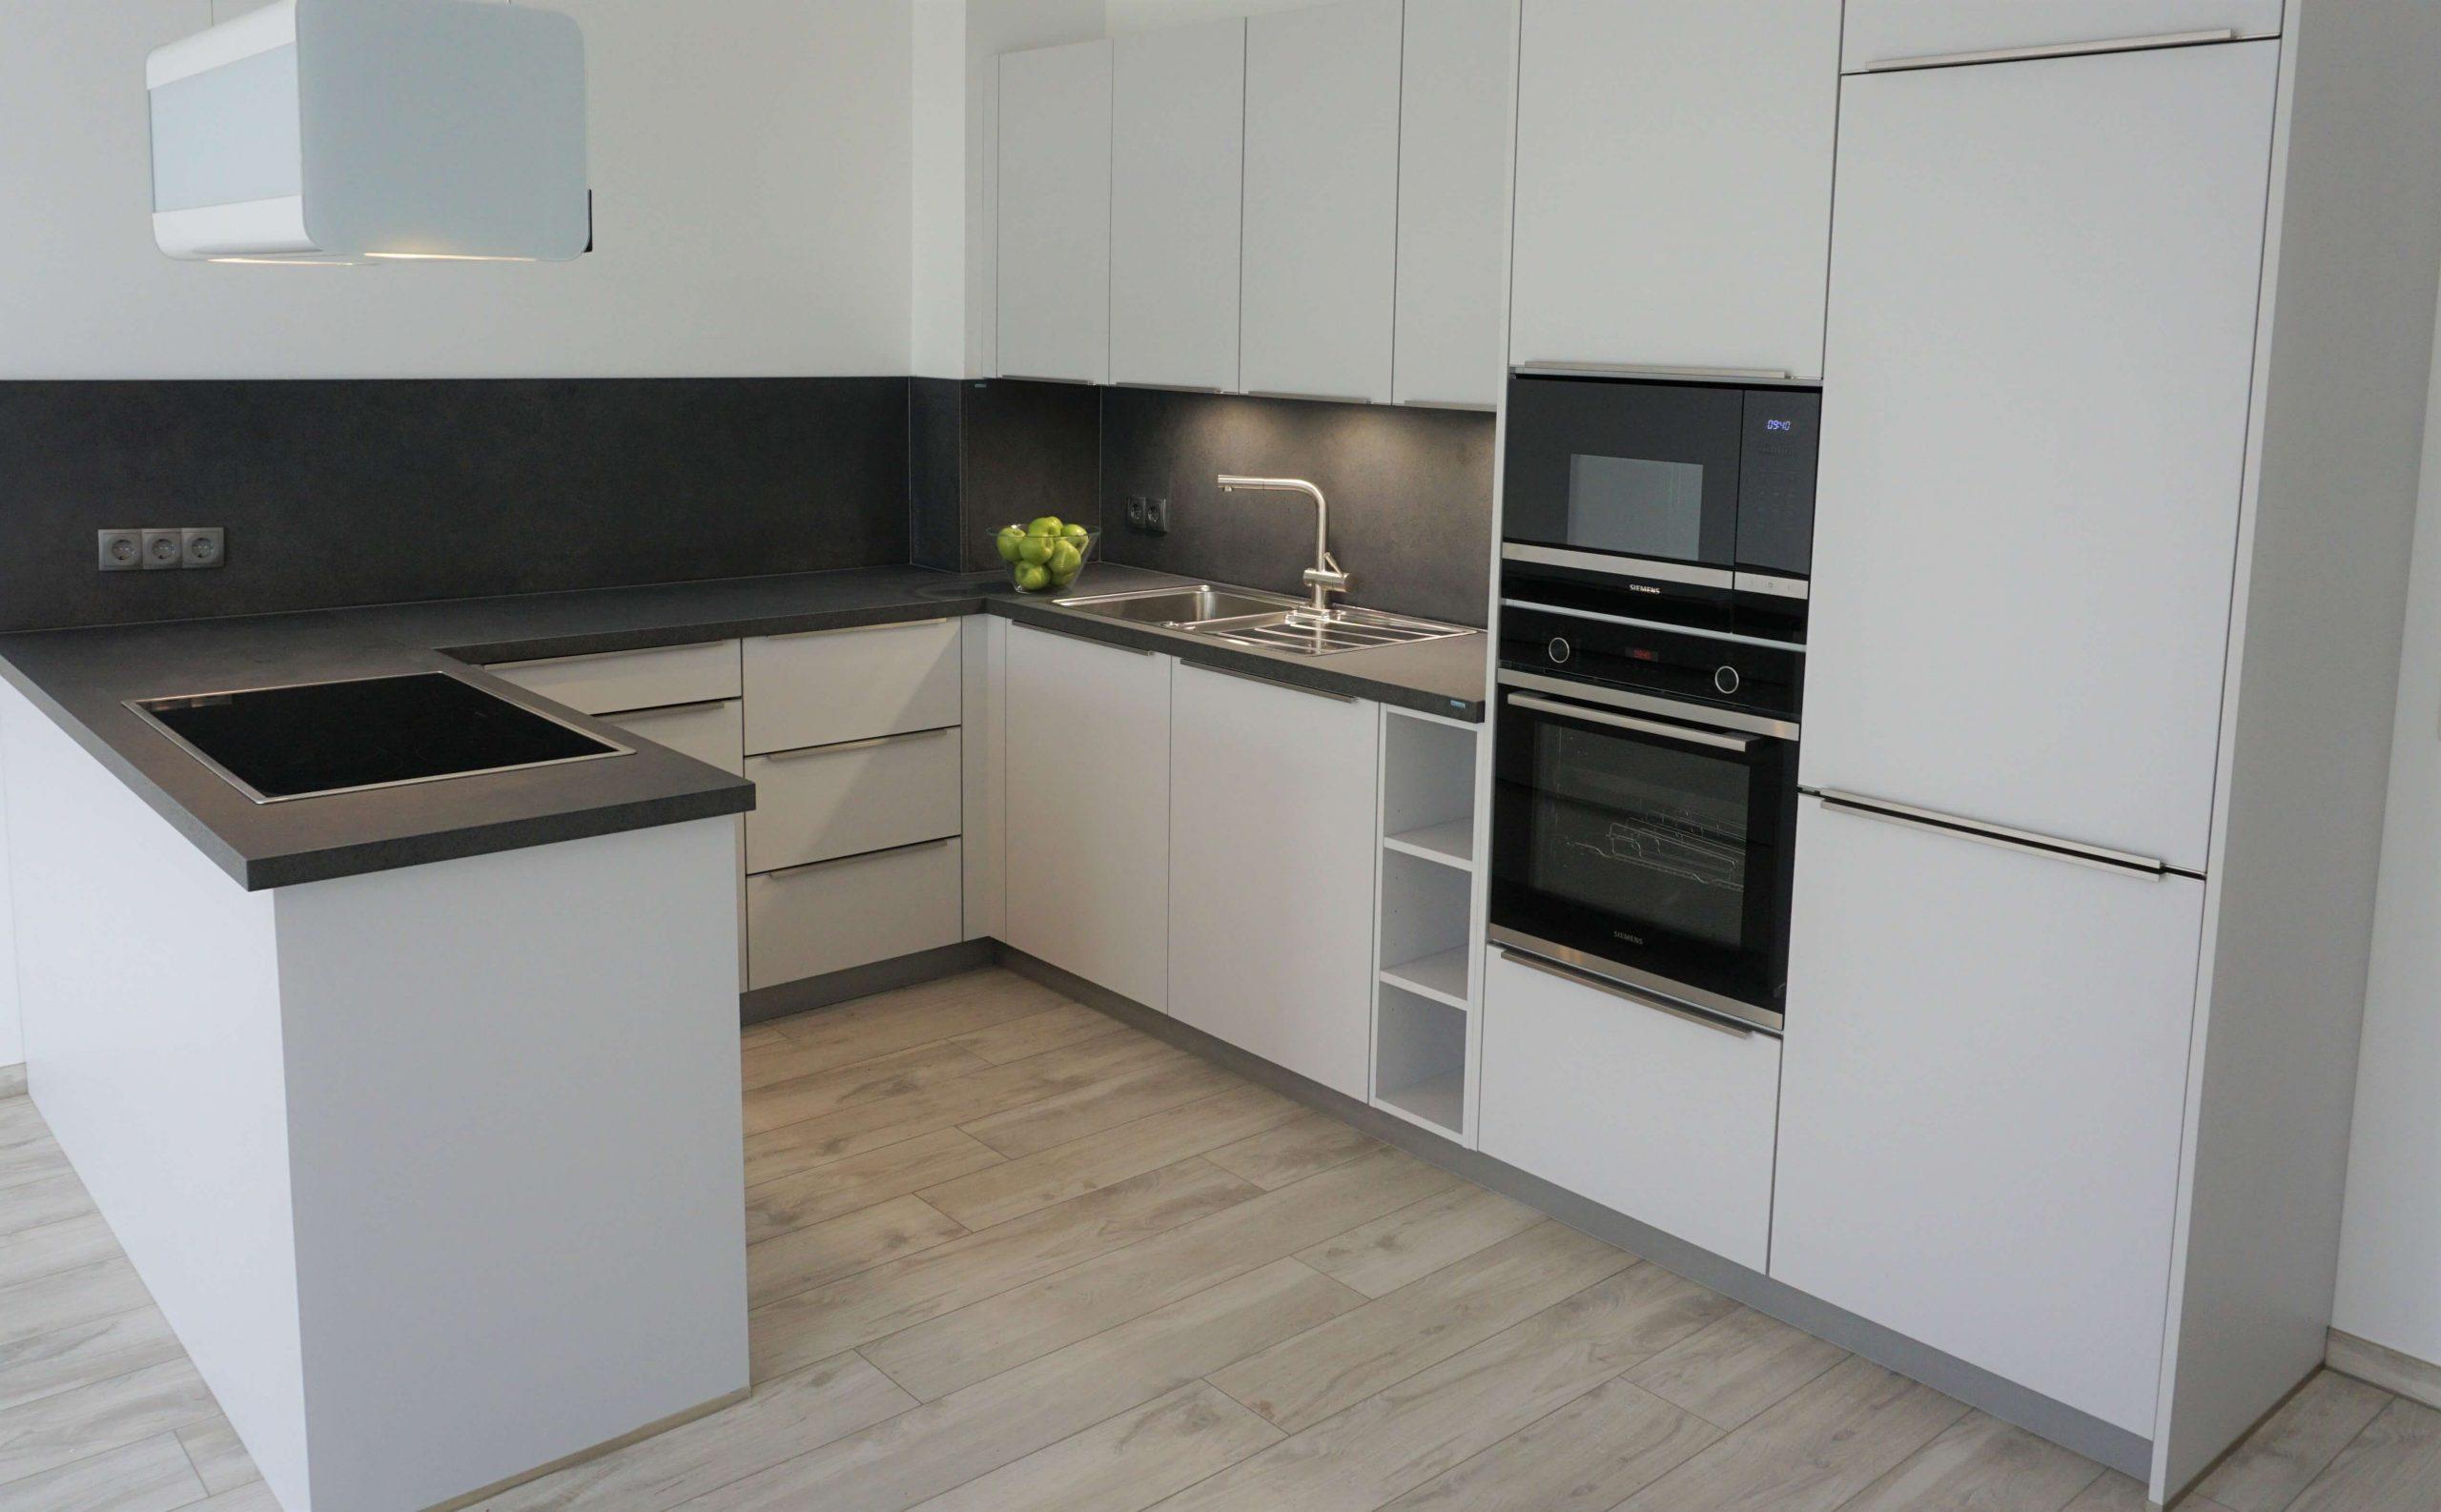 Full Size of Das Einbaukchen Studio Nowka Kchen Küchen Regal Wohnzimmer Küchen